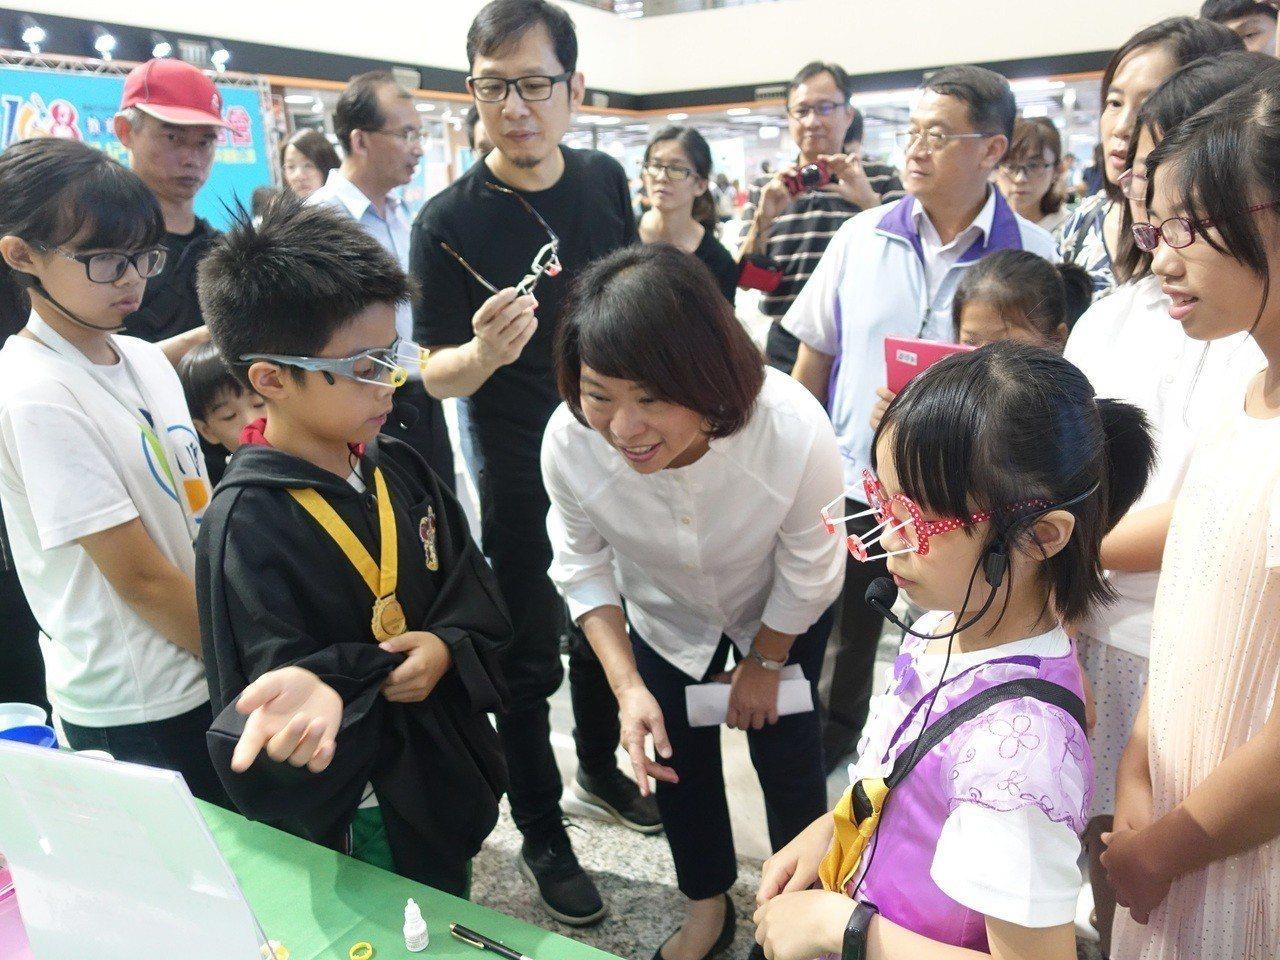 嘉市科學168教育博覽會2.0 培養孩子的科學素養